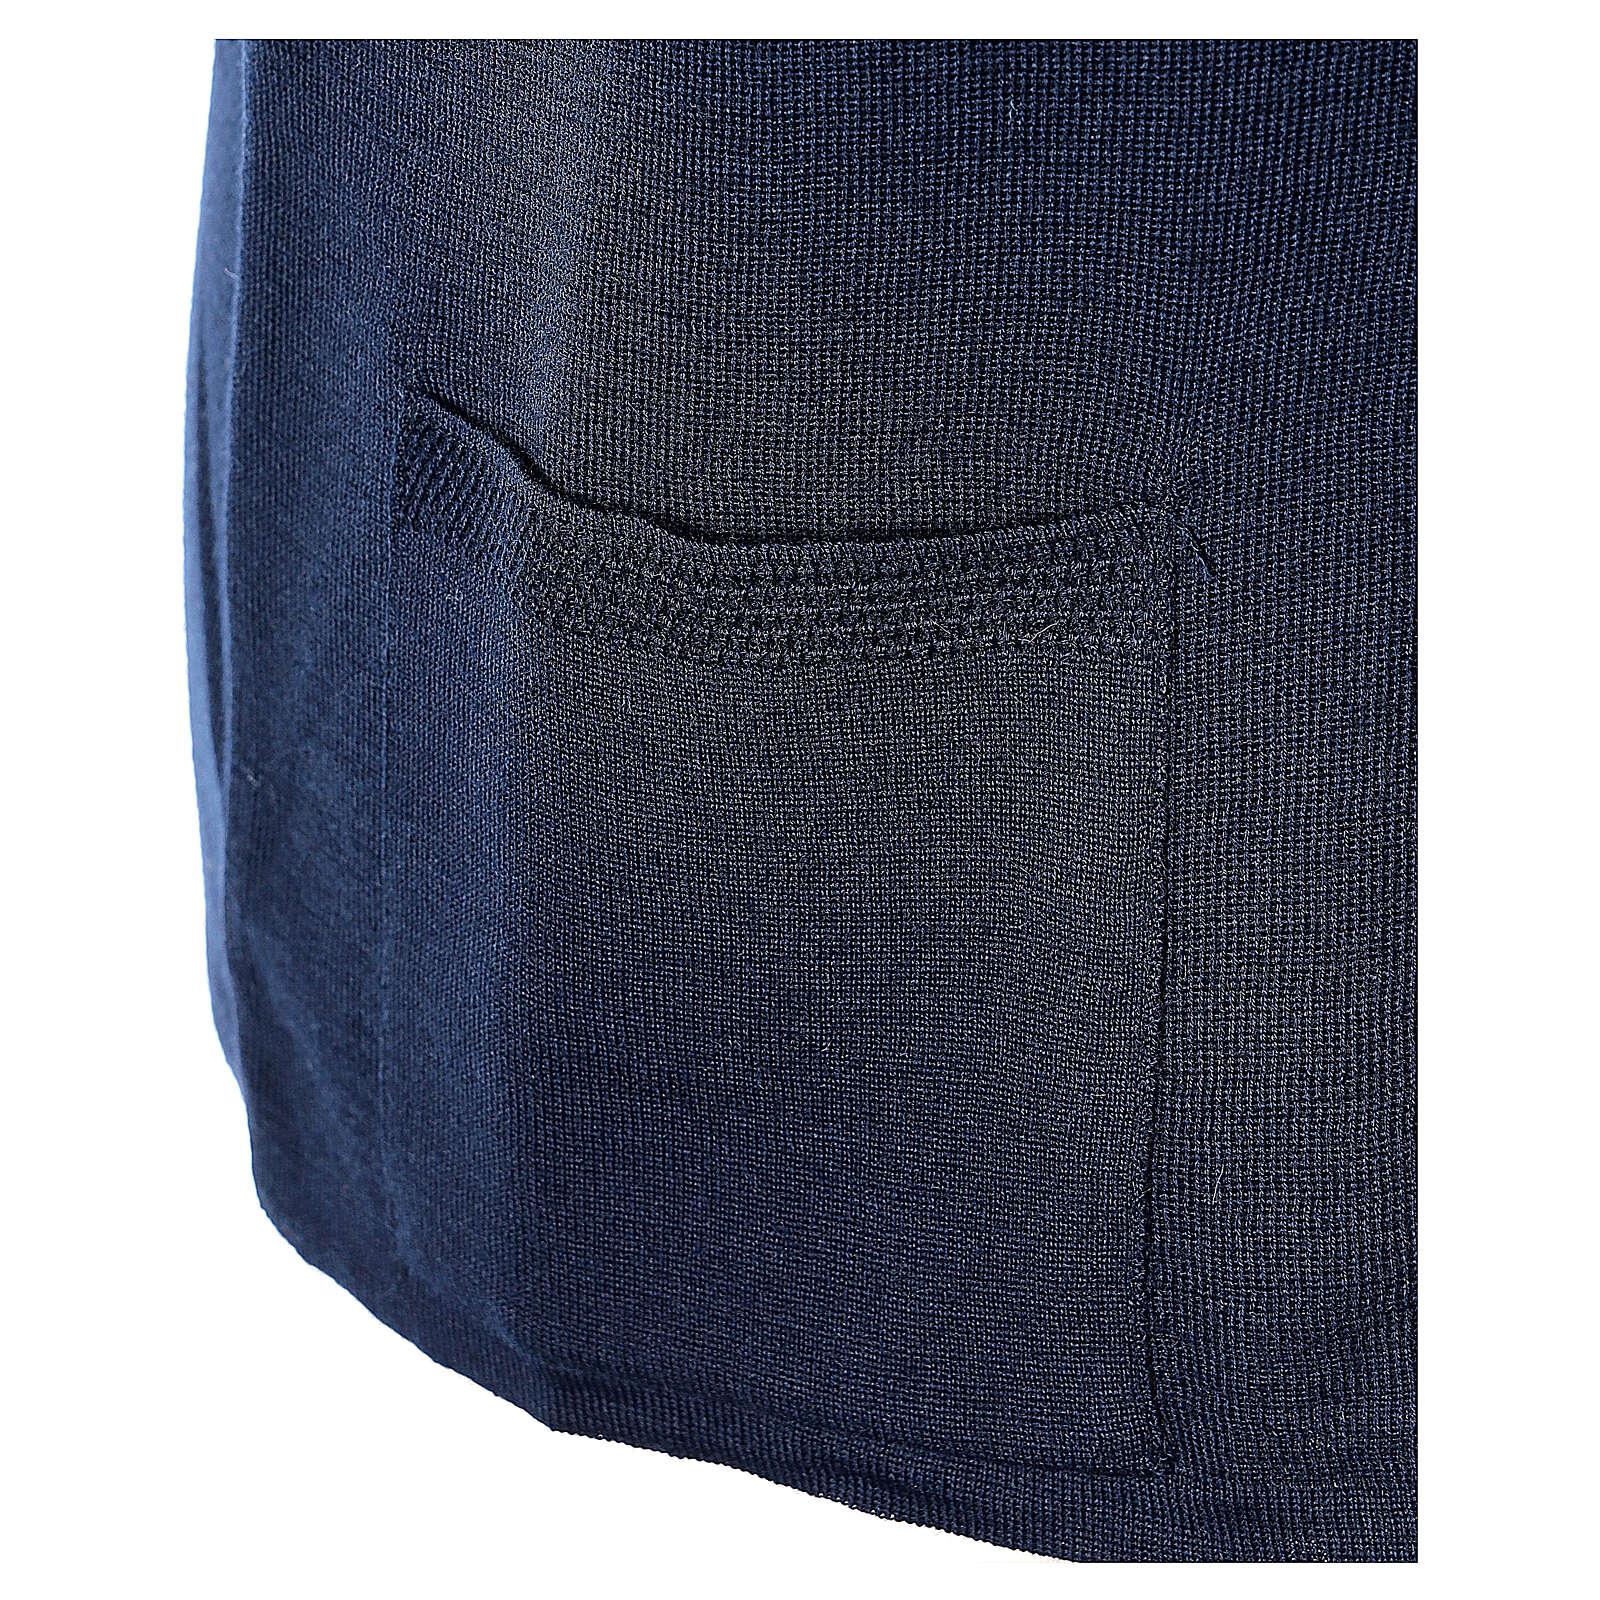 Gilet blu suora con tasche collo a V TAGLIE CONF. 50% acr. 50% merino In Primis 4